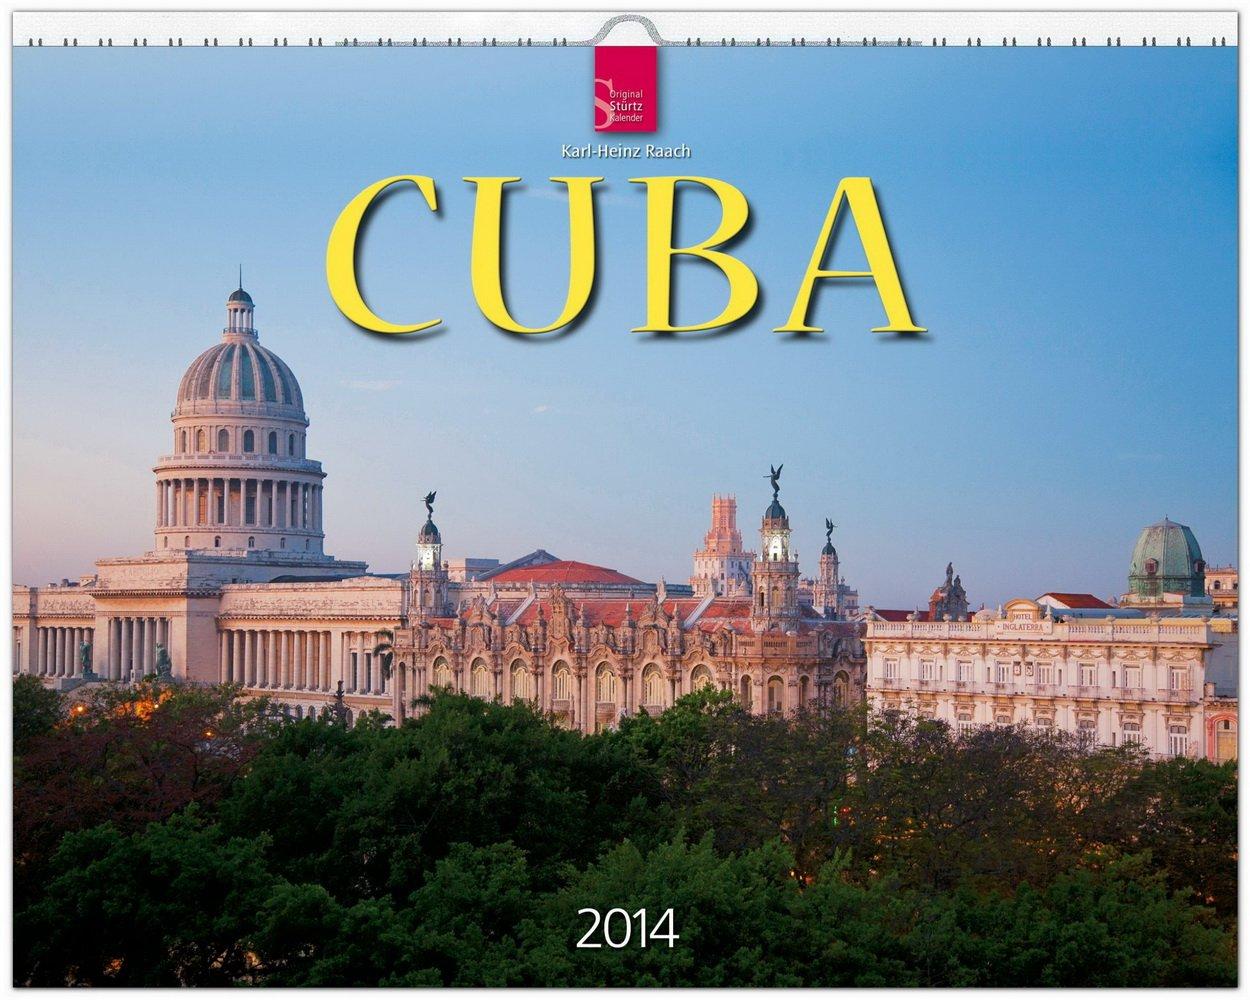 Cuba 2014: Original Stürtz-Kalender - Großformat-Kalender 60 x 48 cm [Spiralbindung]